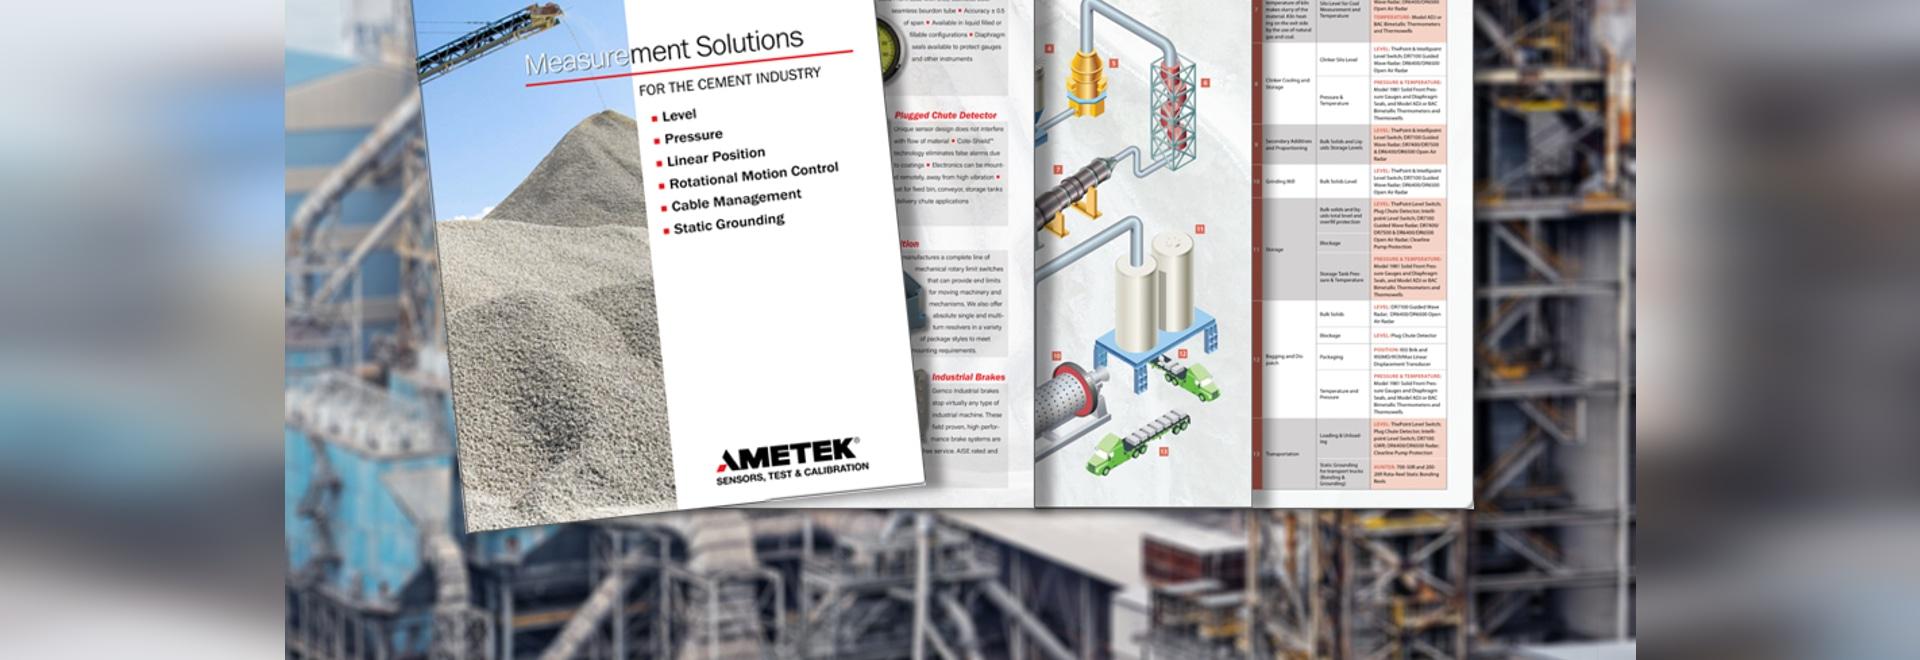 Measurement Solutions for the Cement Industry befasst sich auch mit Druckmessgeräten